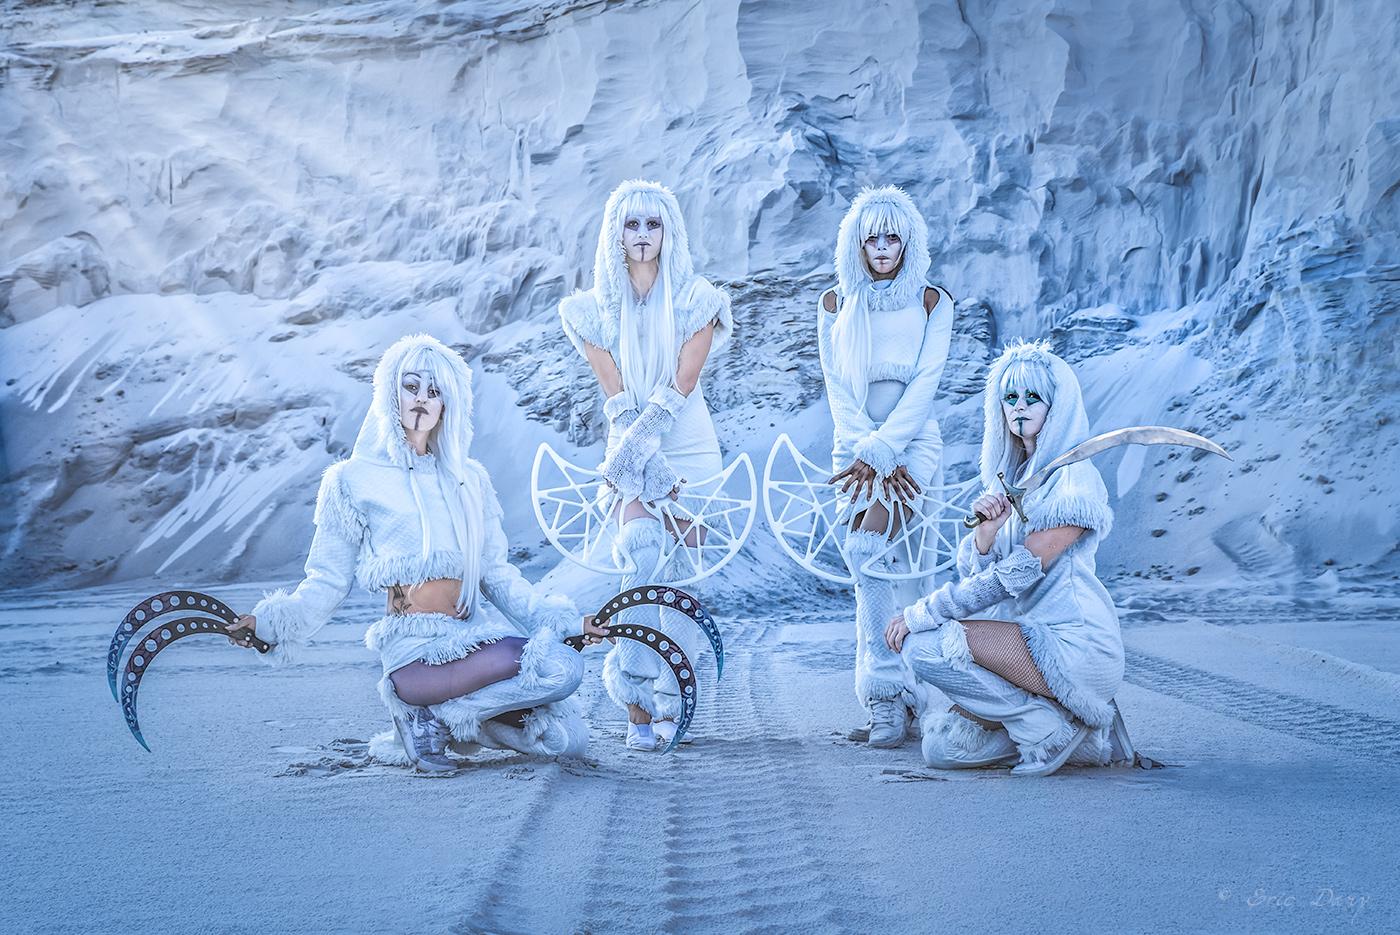 Anapka votre spectacle de l'hivers